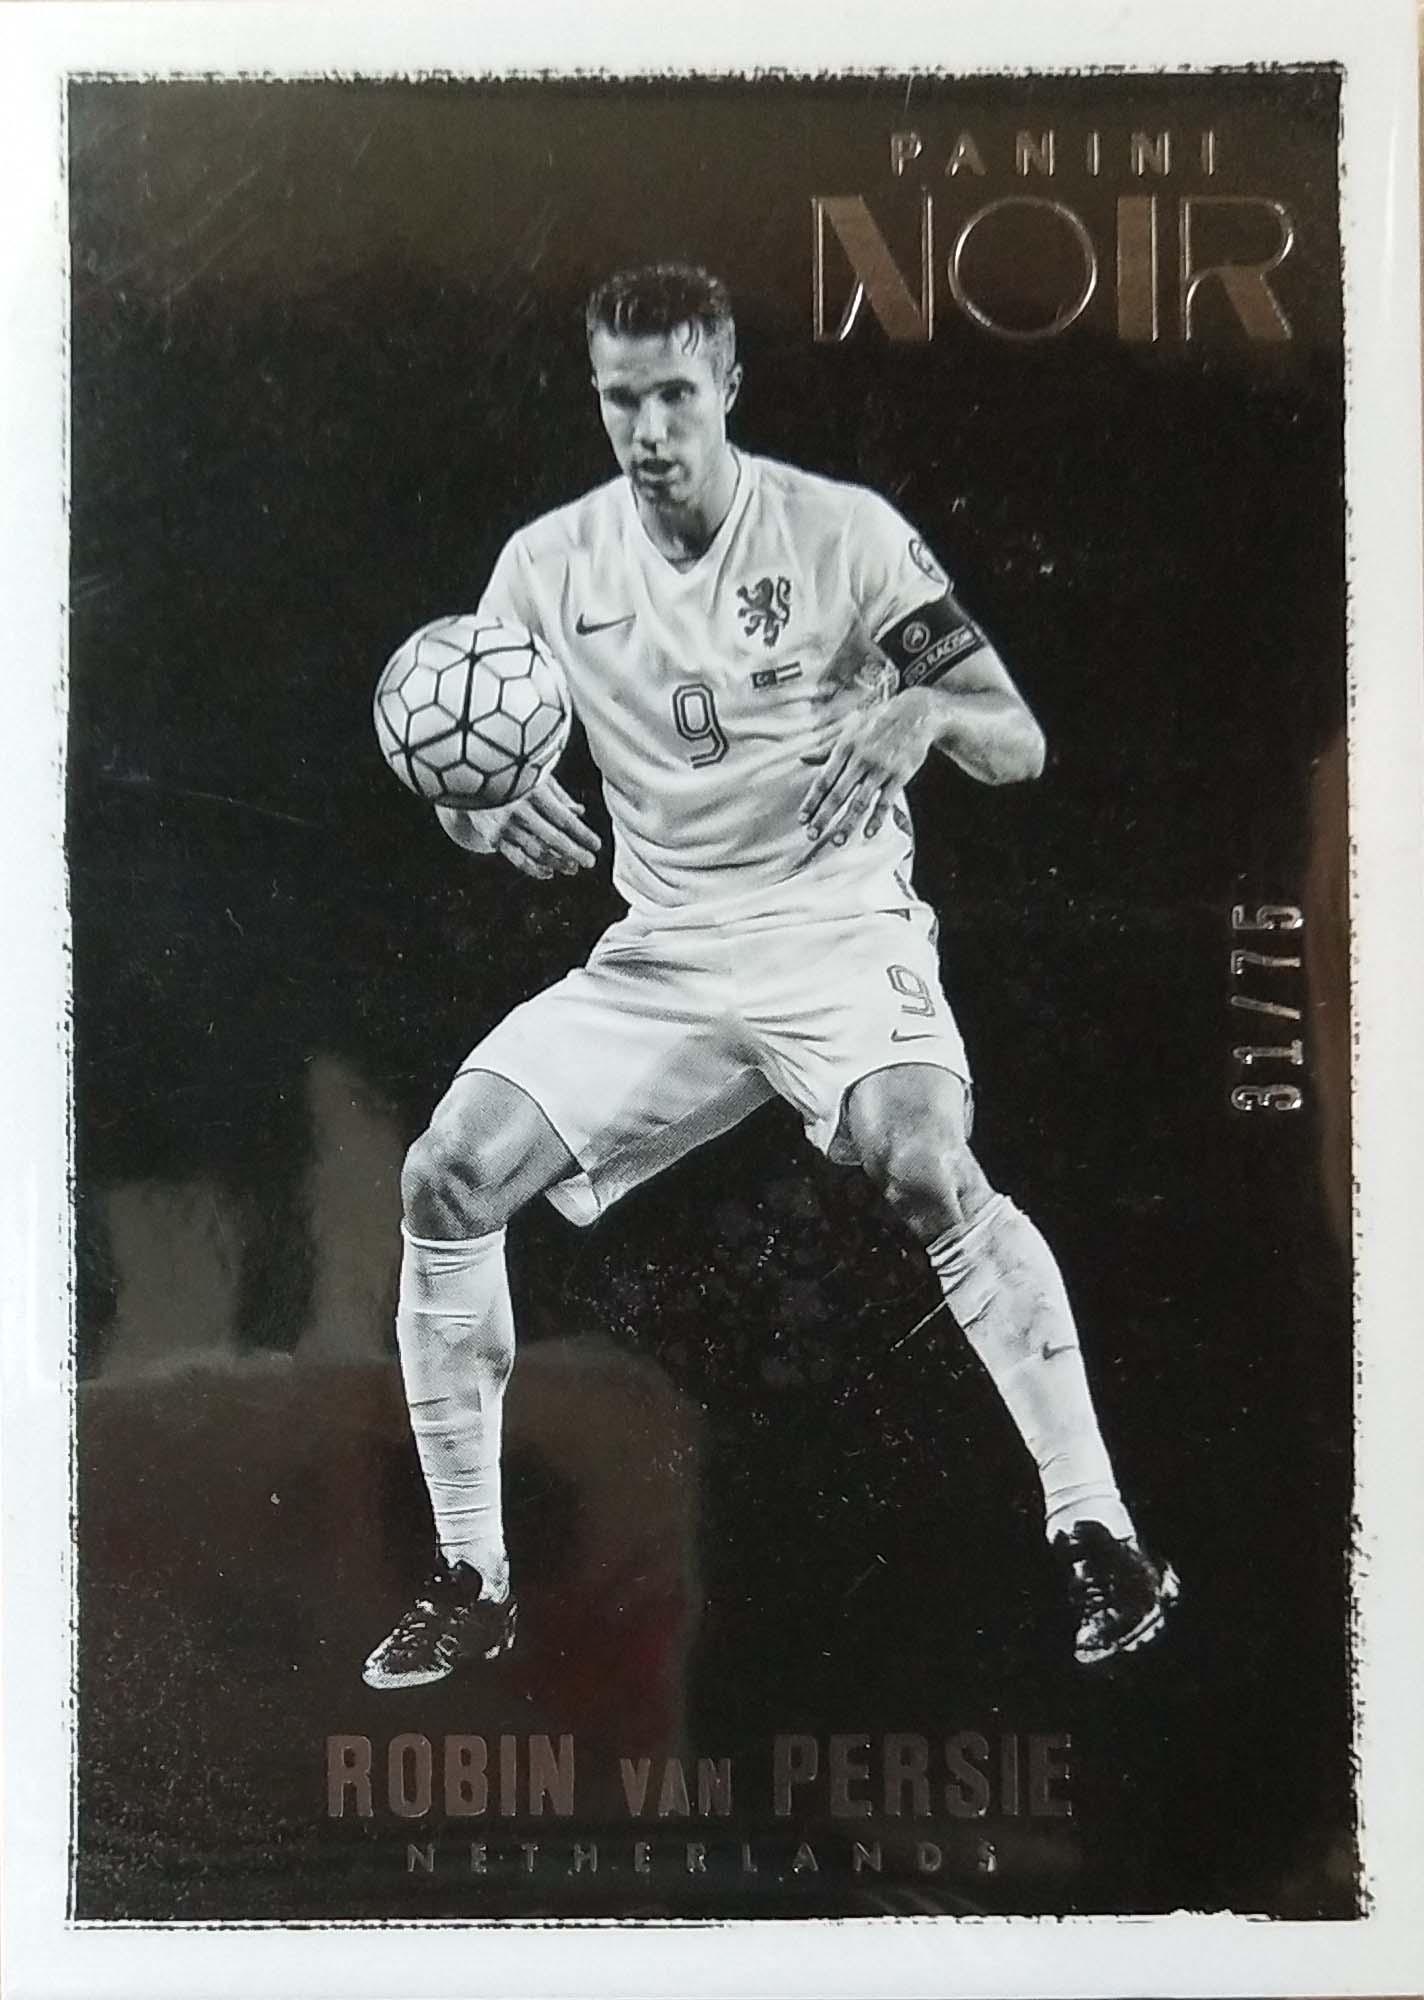 【普拉蒂尼】2016Panini帕尼尼诺尔球星卡Robin van Persie范·佩西荷兰31/75NO.61基础卡